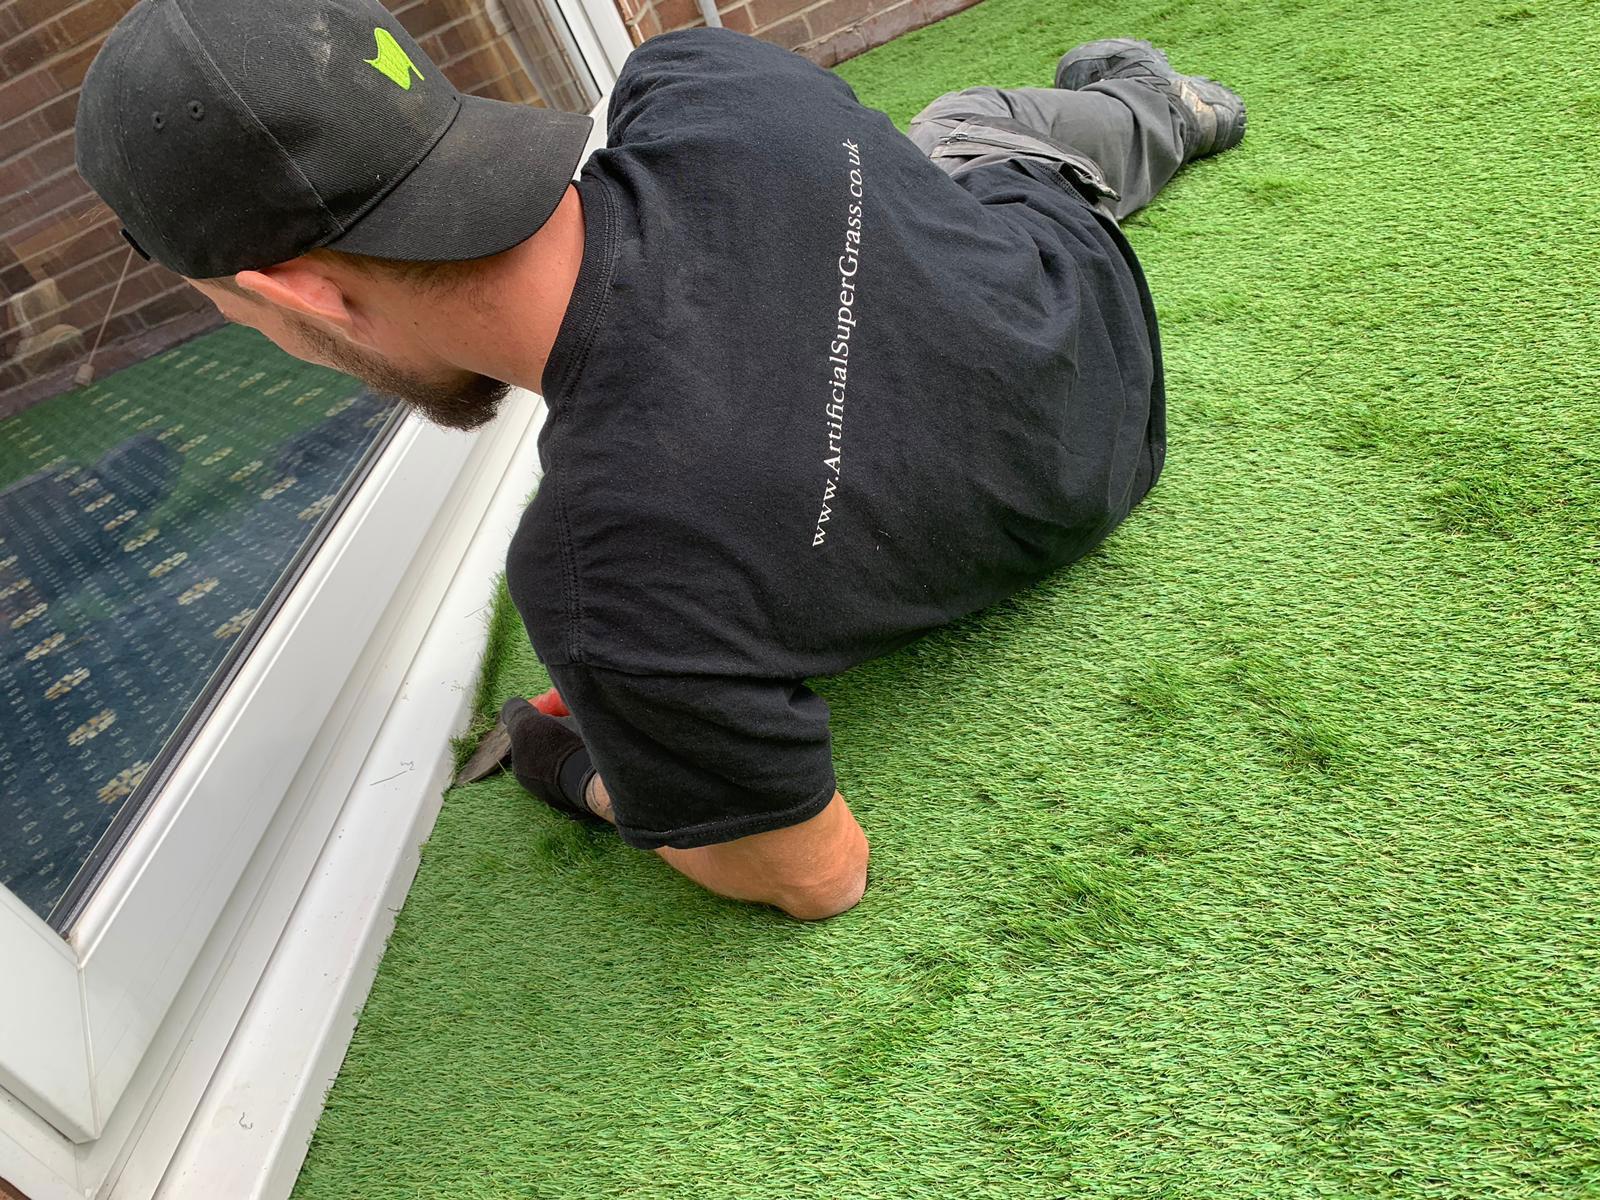 Artificial Grass Installers Castleford Artificial Super Grass